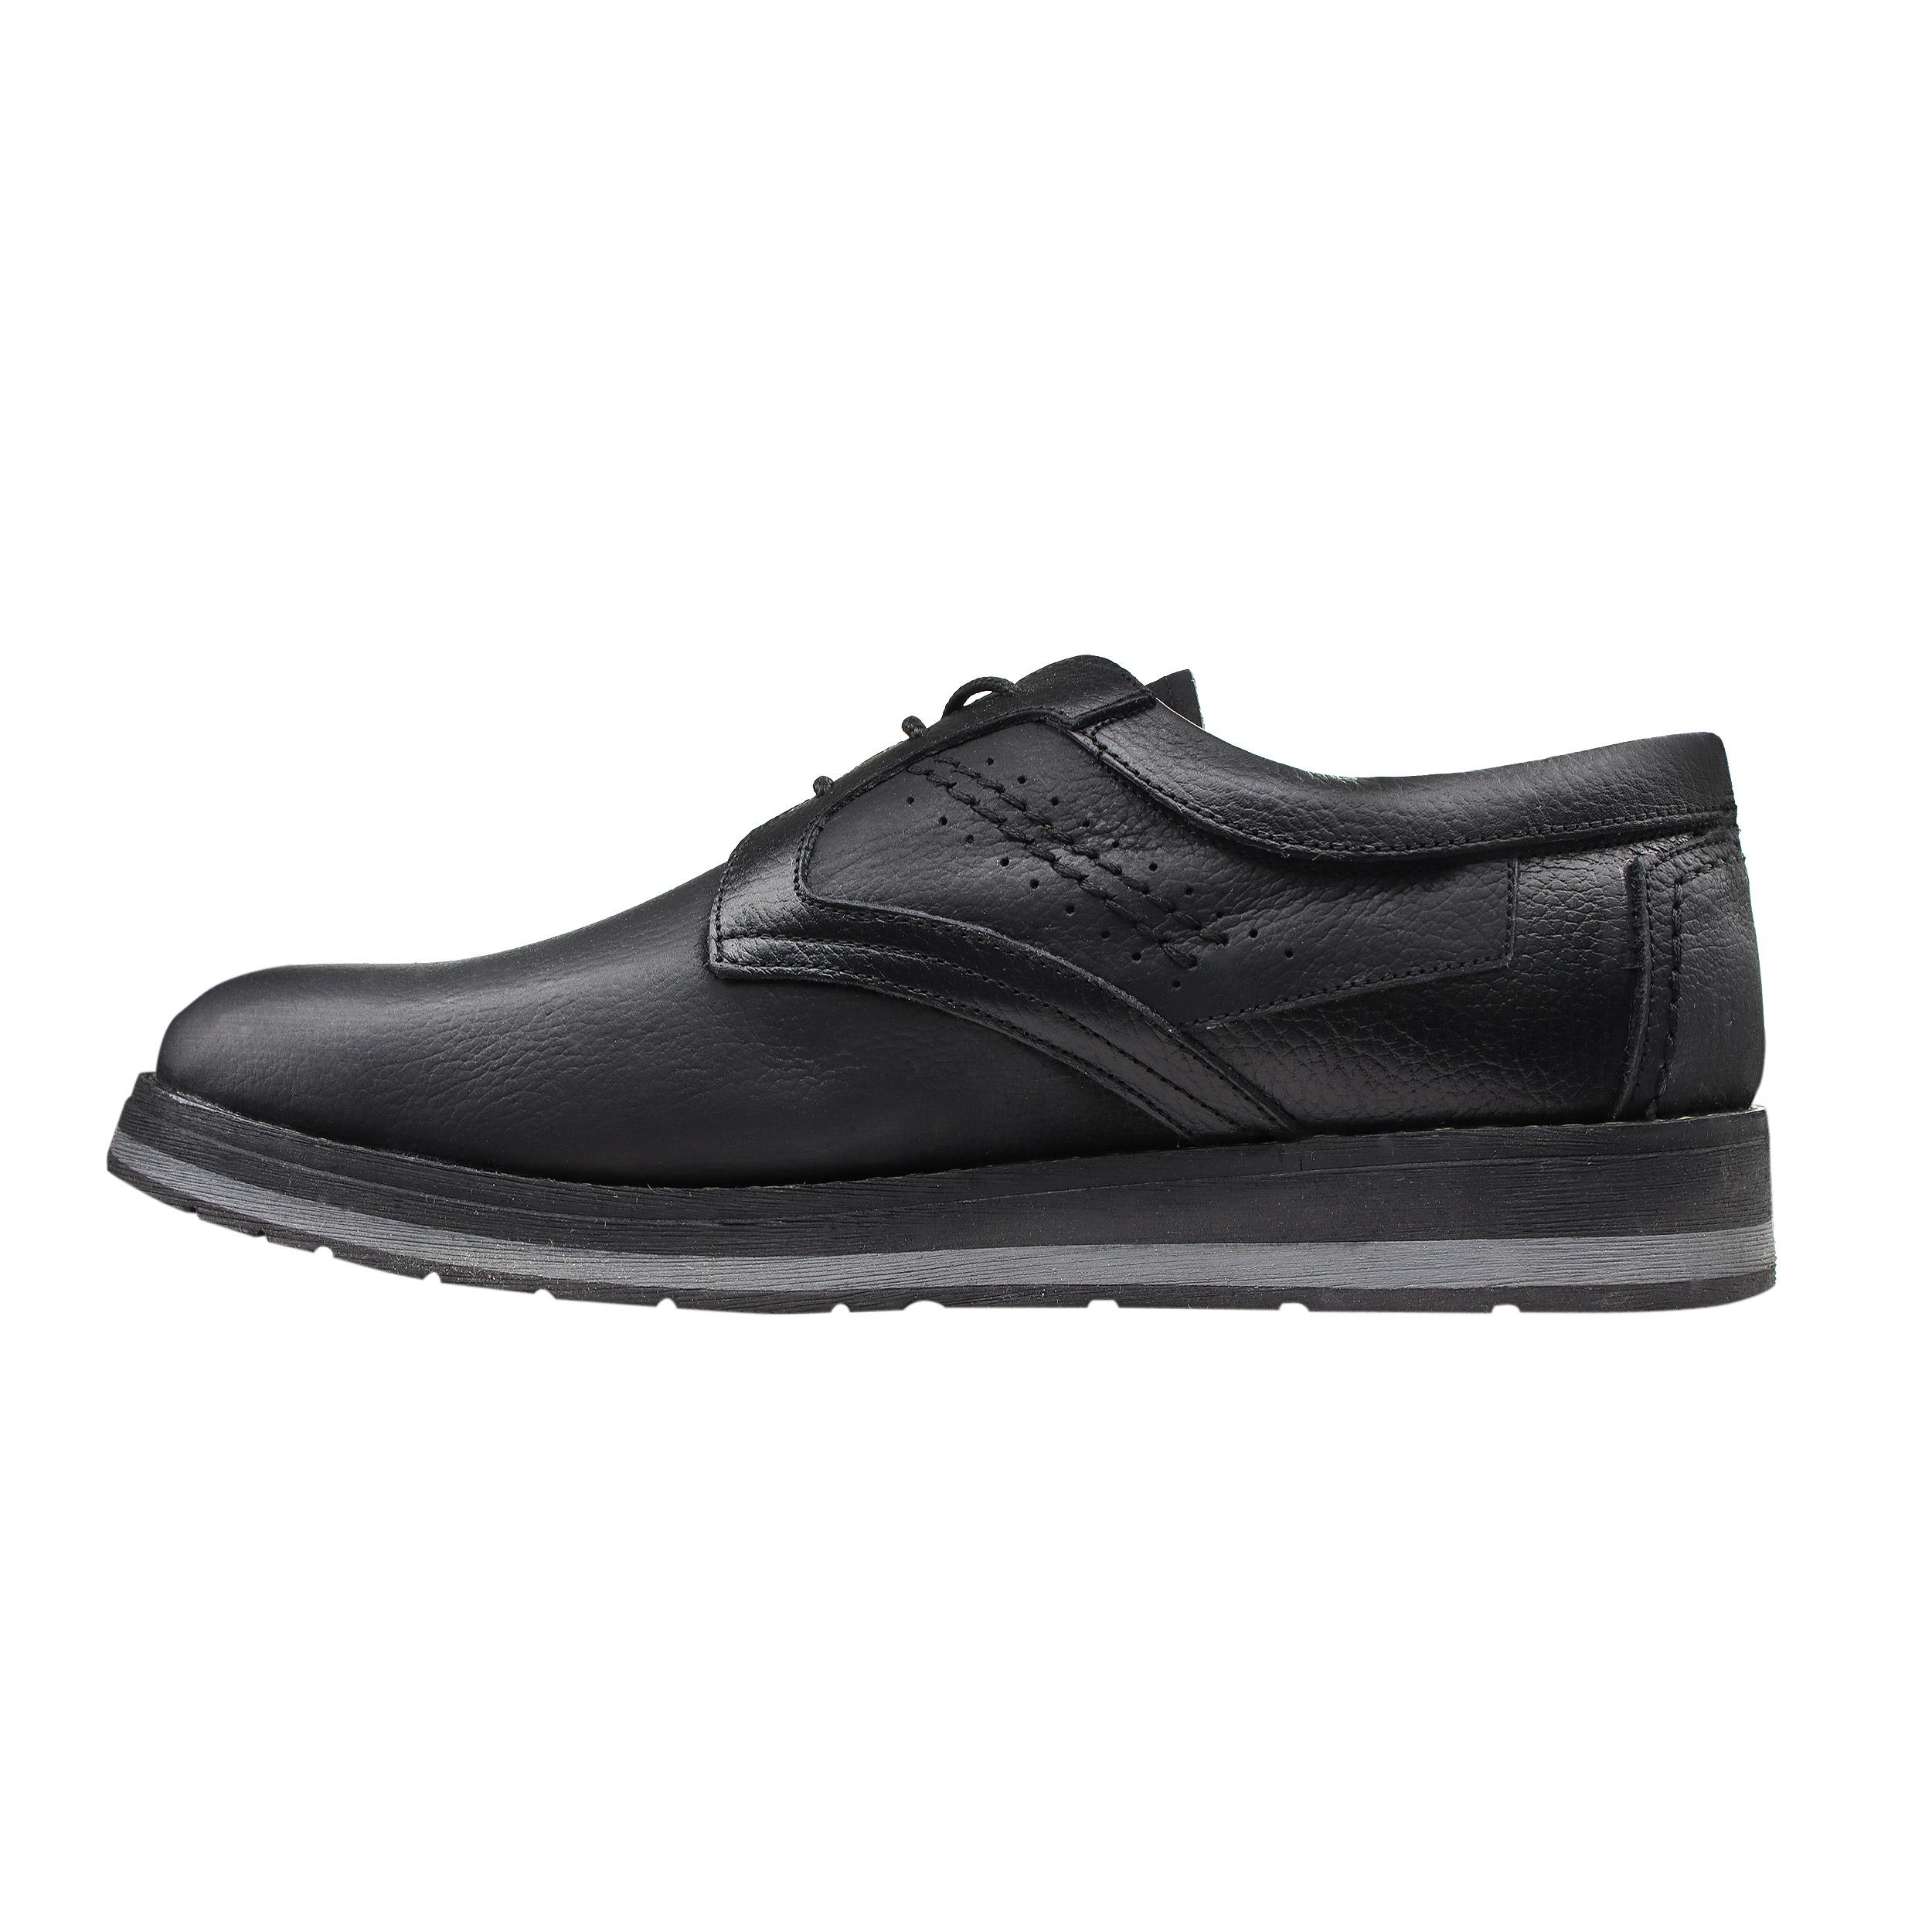 کفش روزمره مردانه مدل تکتاپ کد 01-445             , خرید اینترنتی